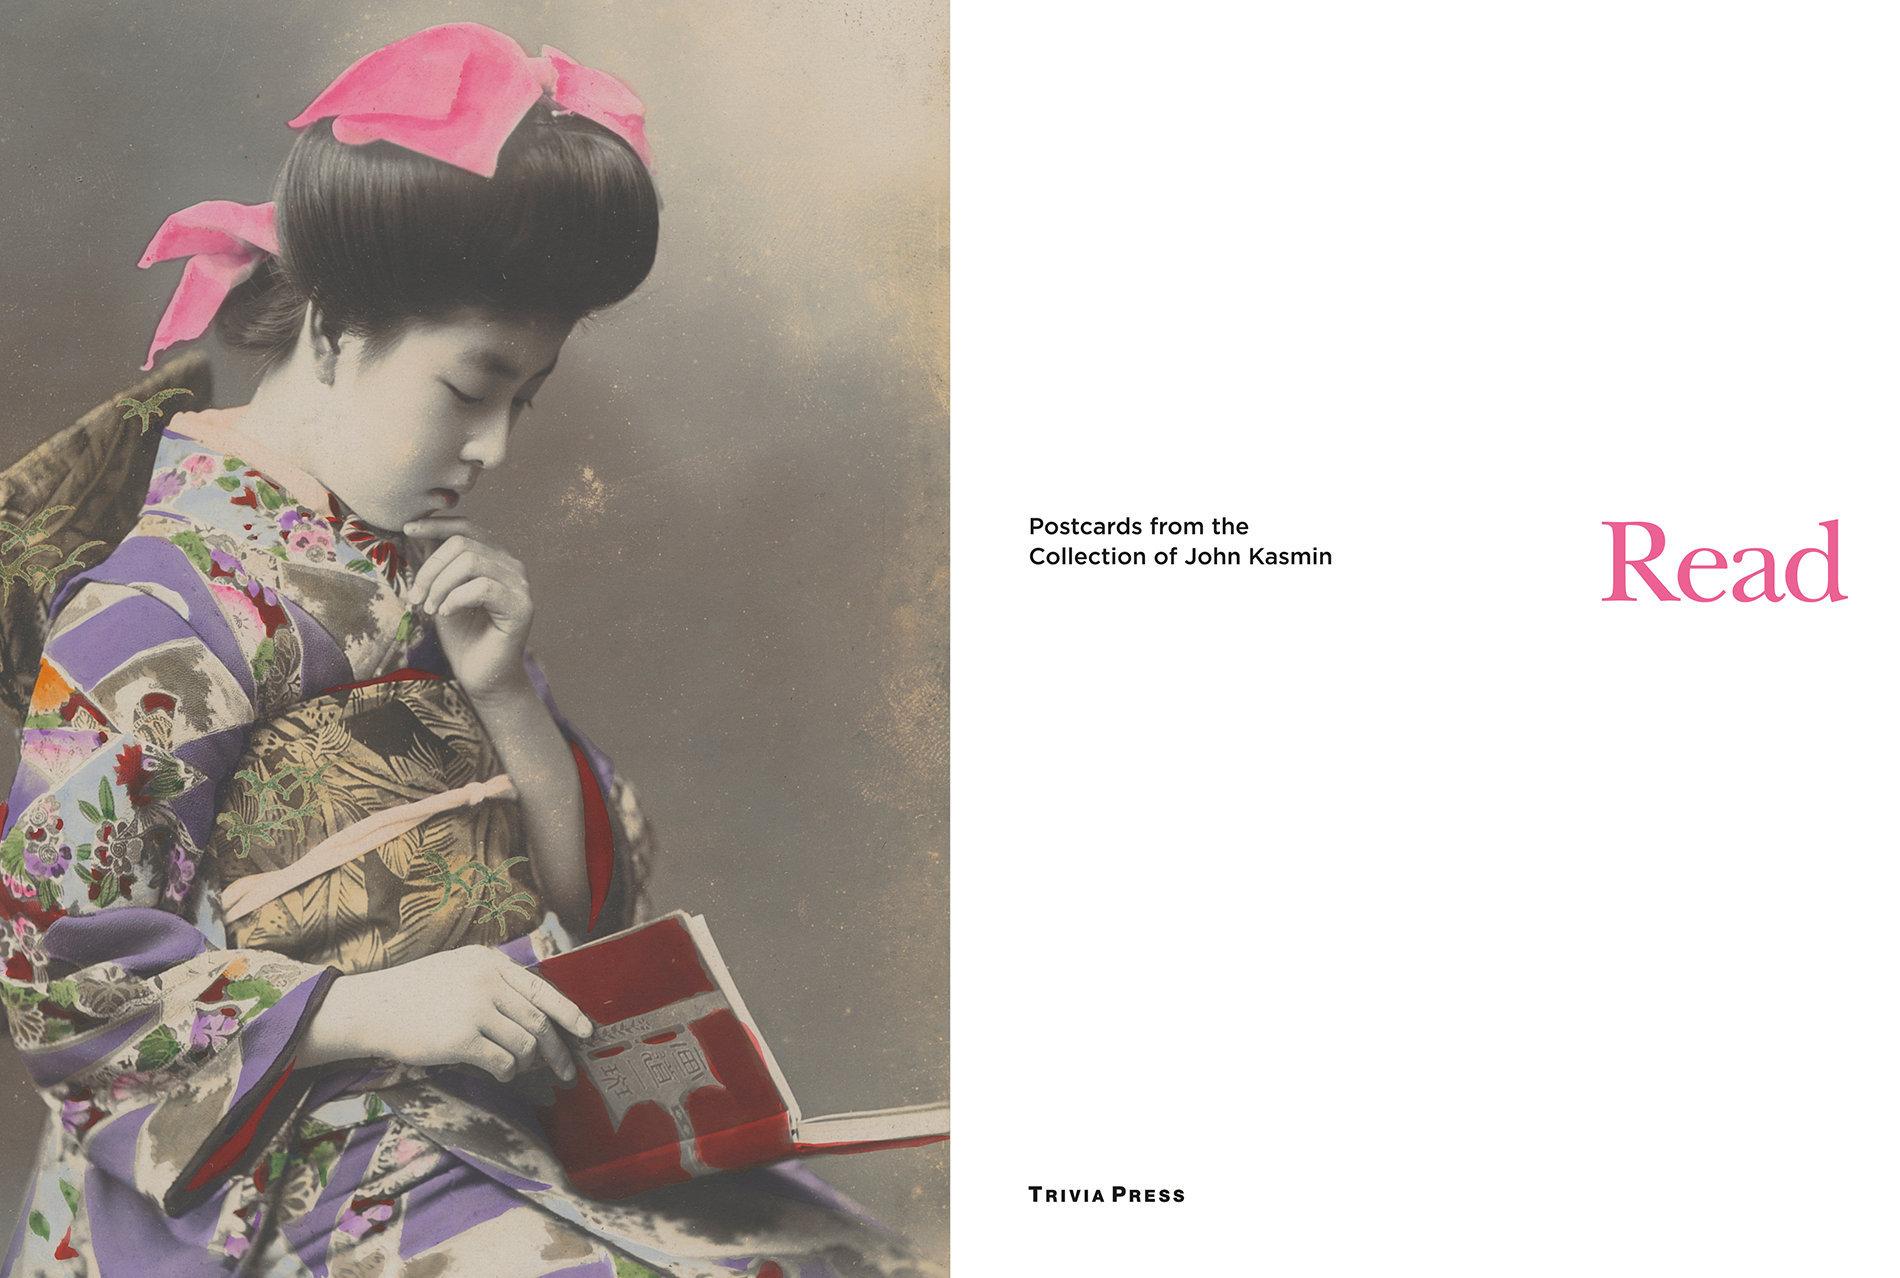 Kasmin's Postcards - Read